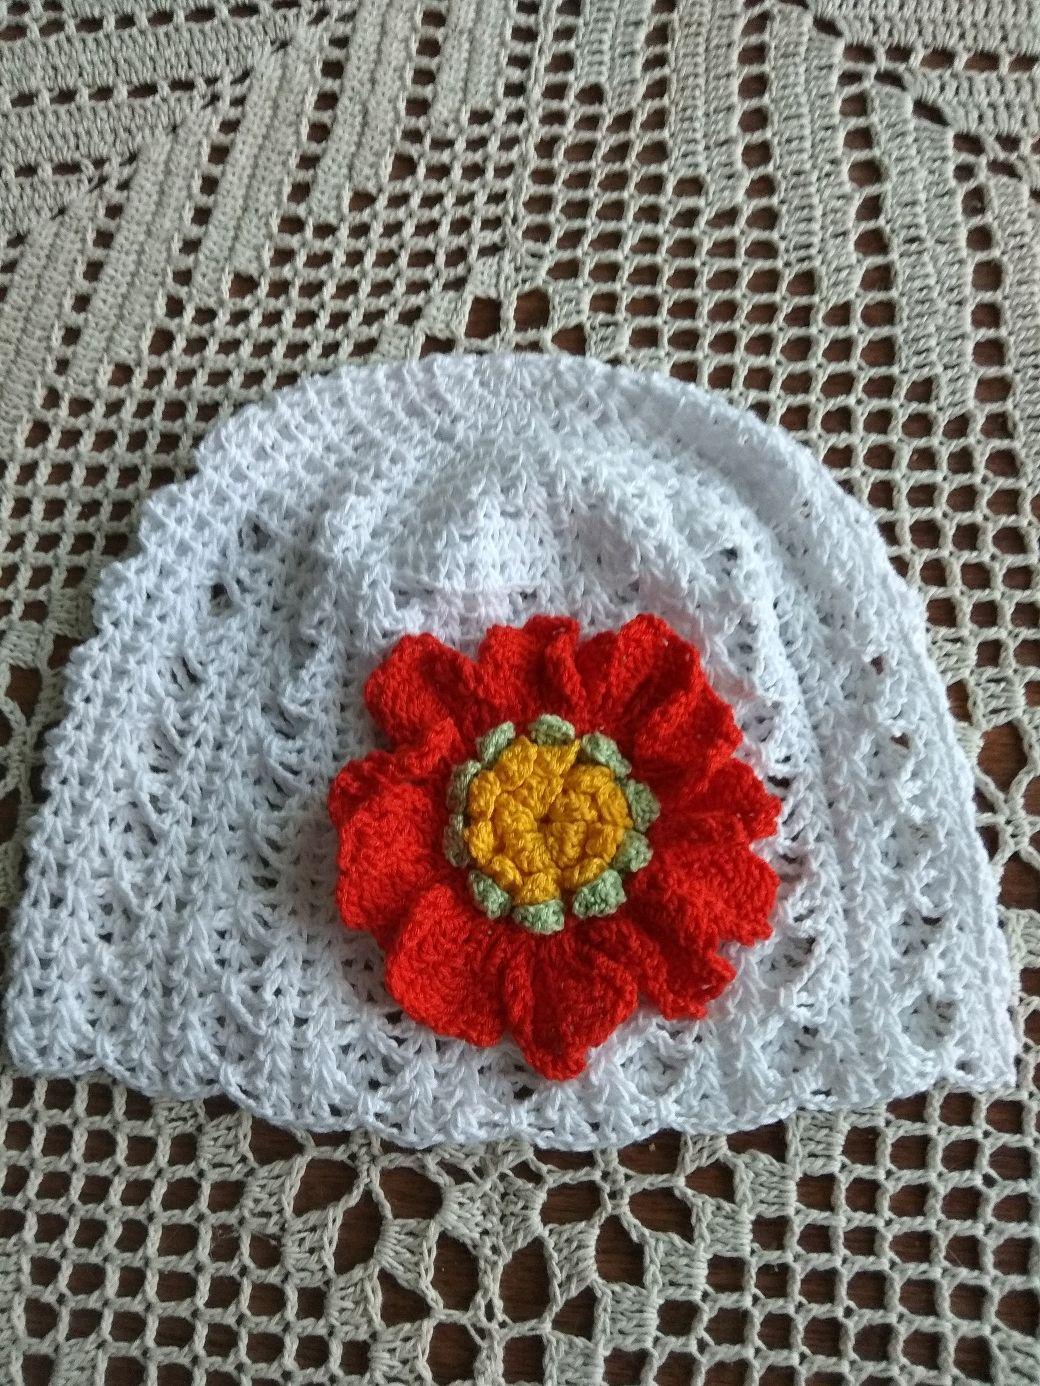 Одежда для девочек, ручной работы. Ярмарка Мастеров - ручная работа. Купить Летняя белая ажурная шапочка крючком с большим  необычным цветком. Handmade.